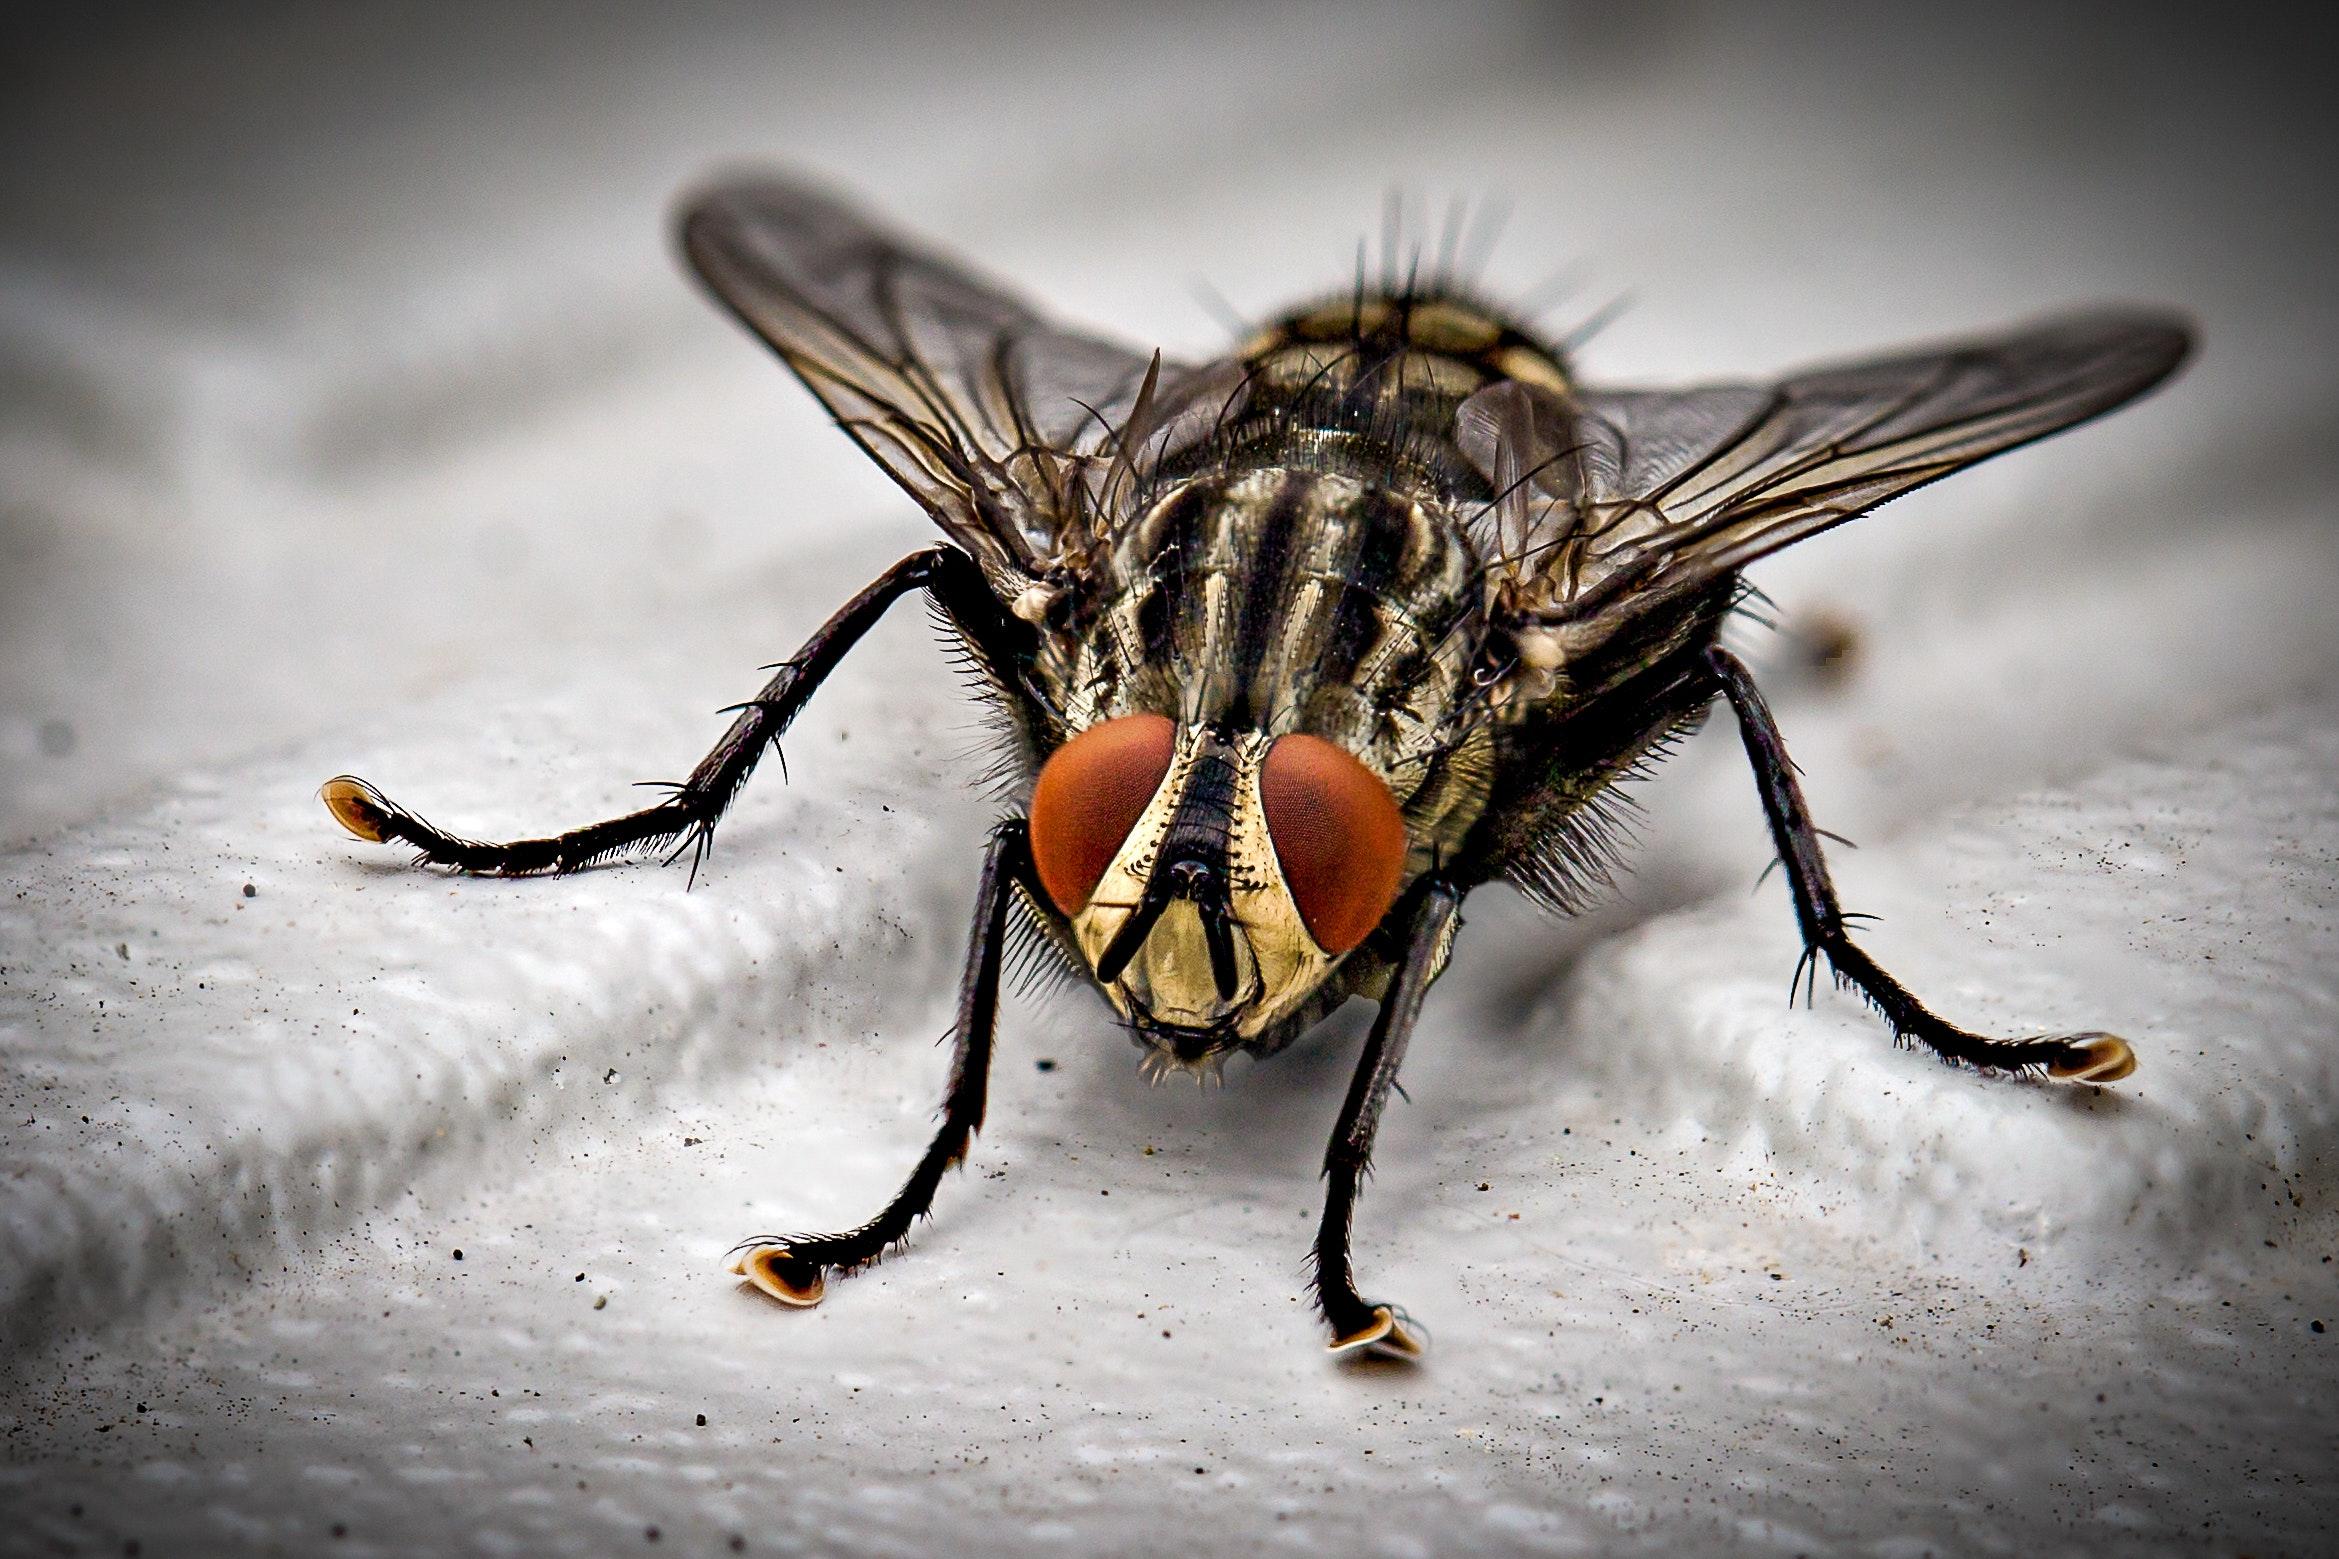 fame nel mondo: si combatte mangiando insetti